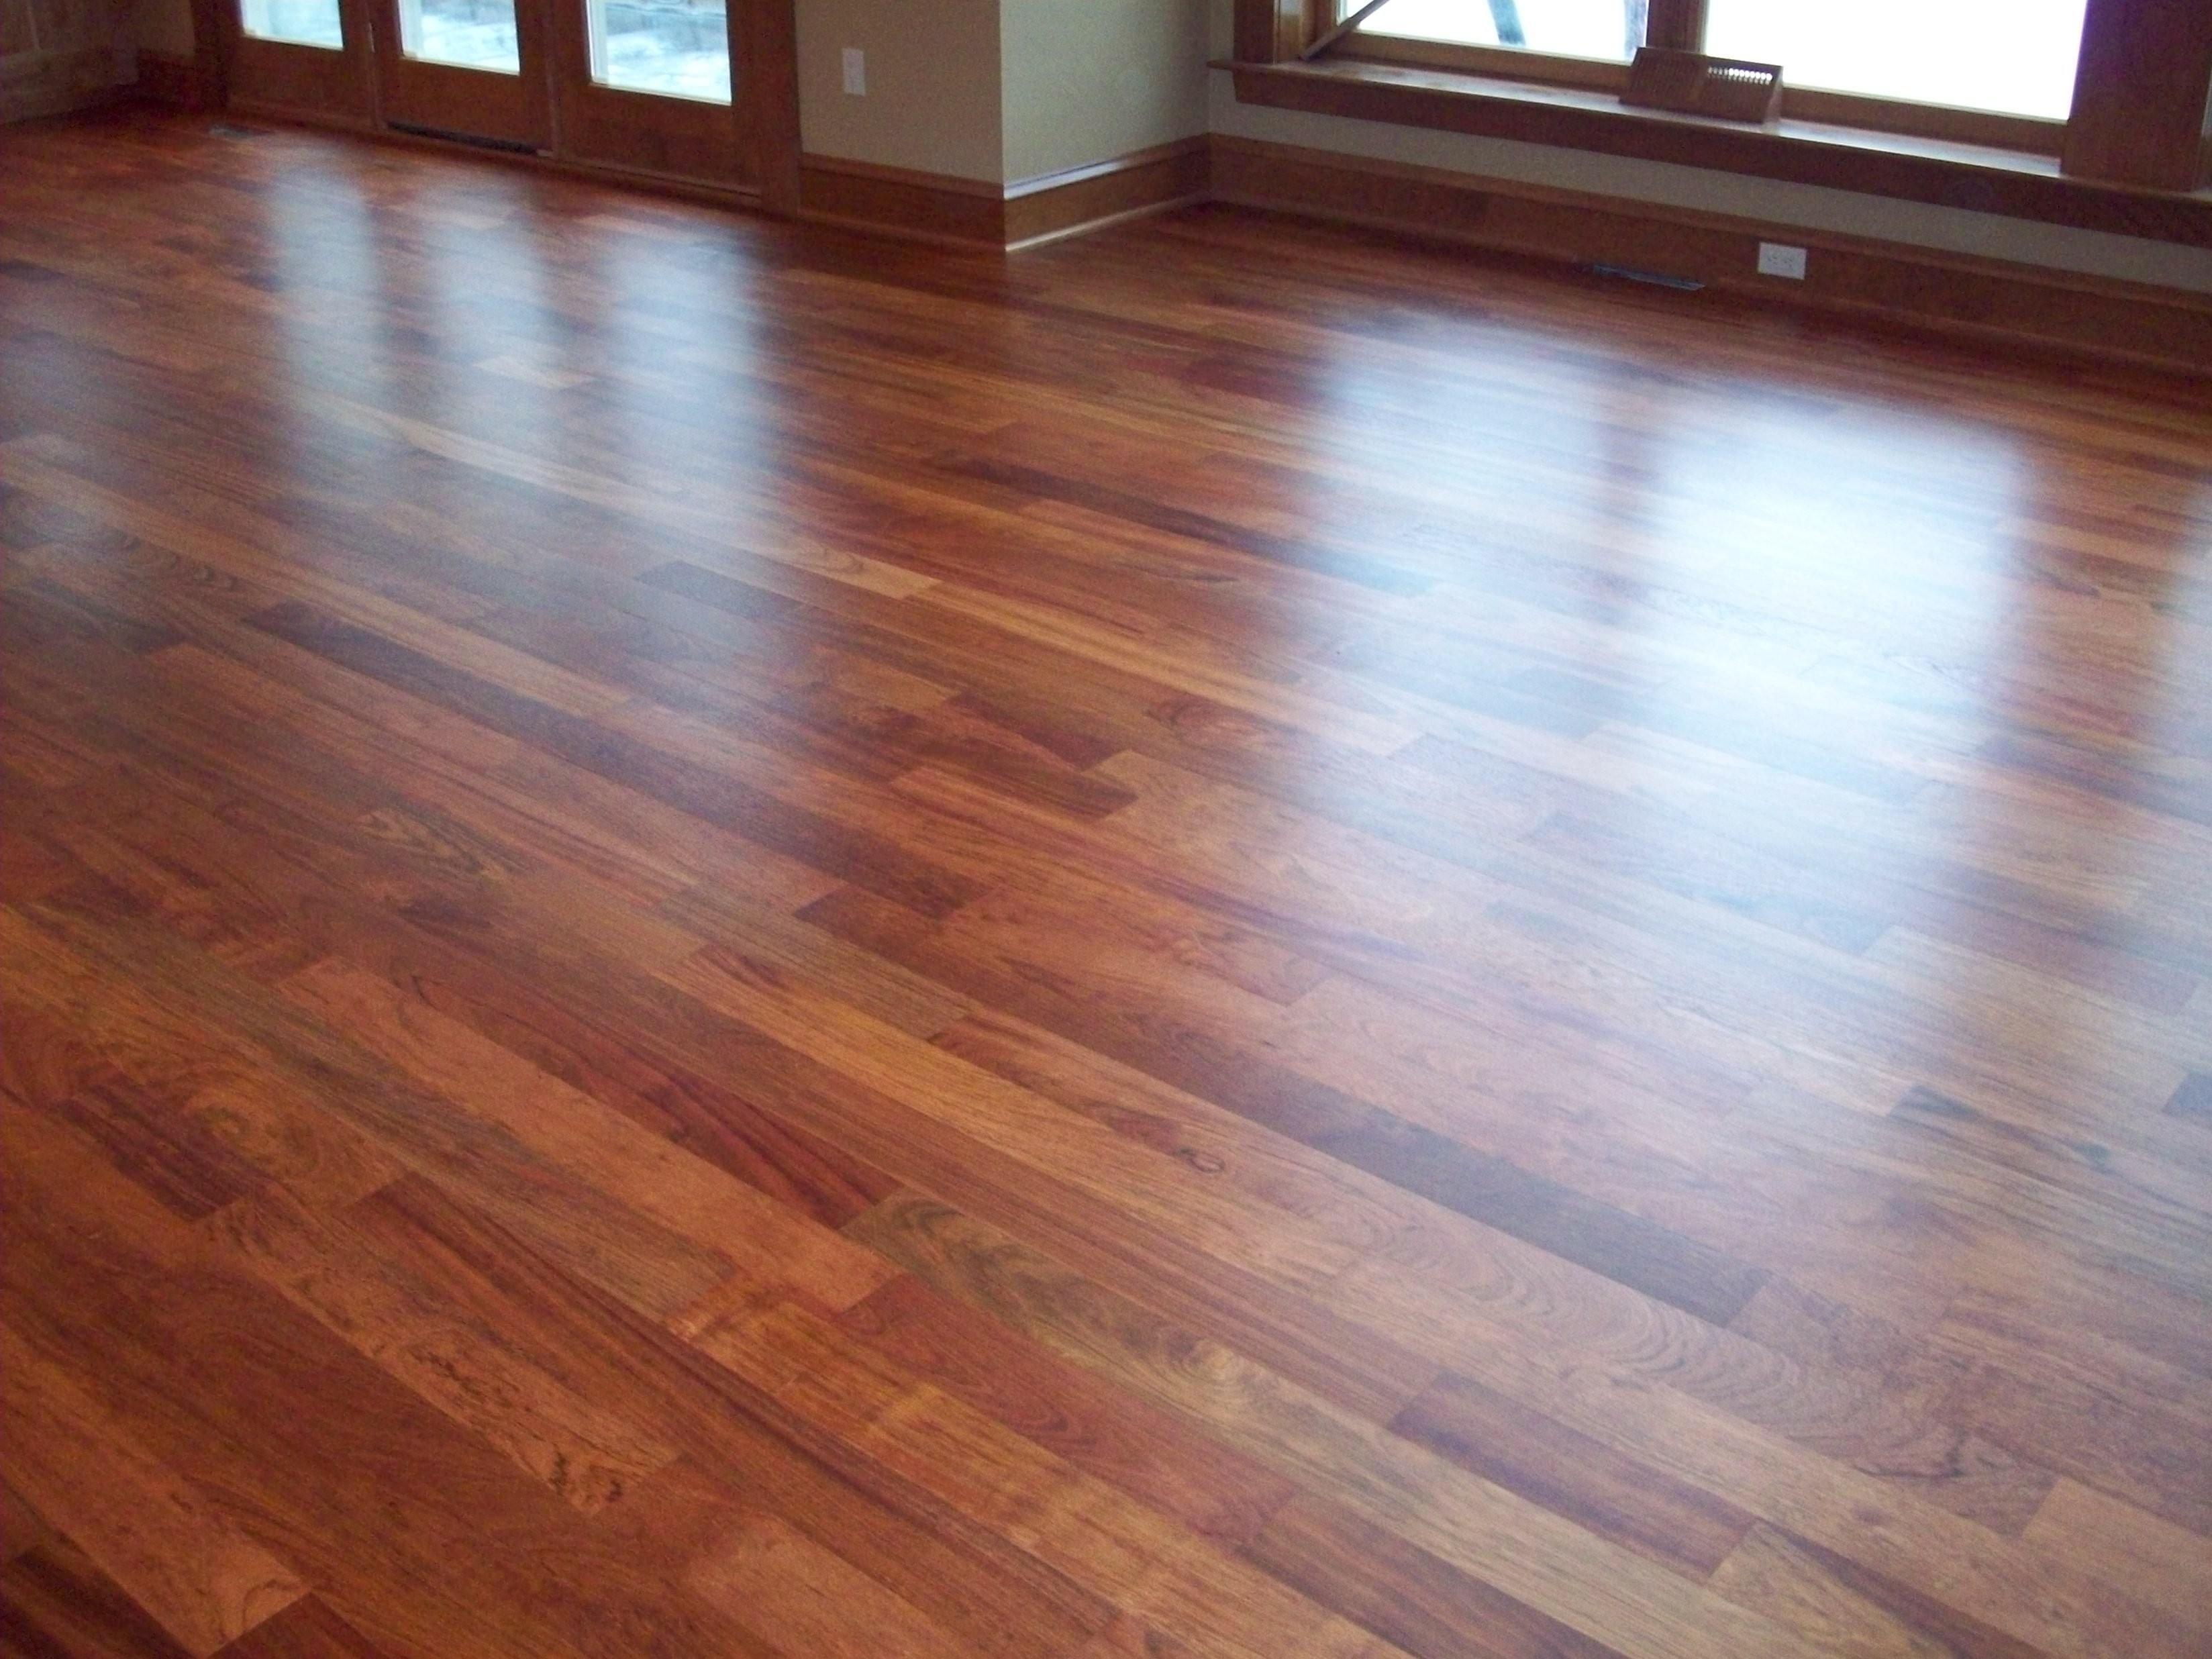 hardwood floor cleaner walmart of 15 luxury steam mop for hardwood floors stock dizpos com with regard to steam mop for hardwood floors awesome best steam cleaner for laminate wood floors images of 15